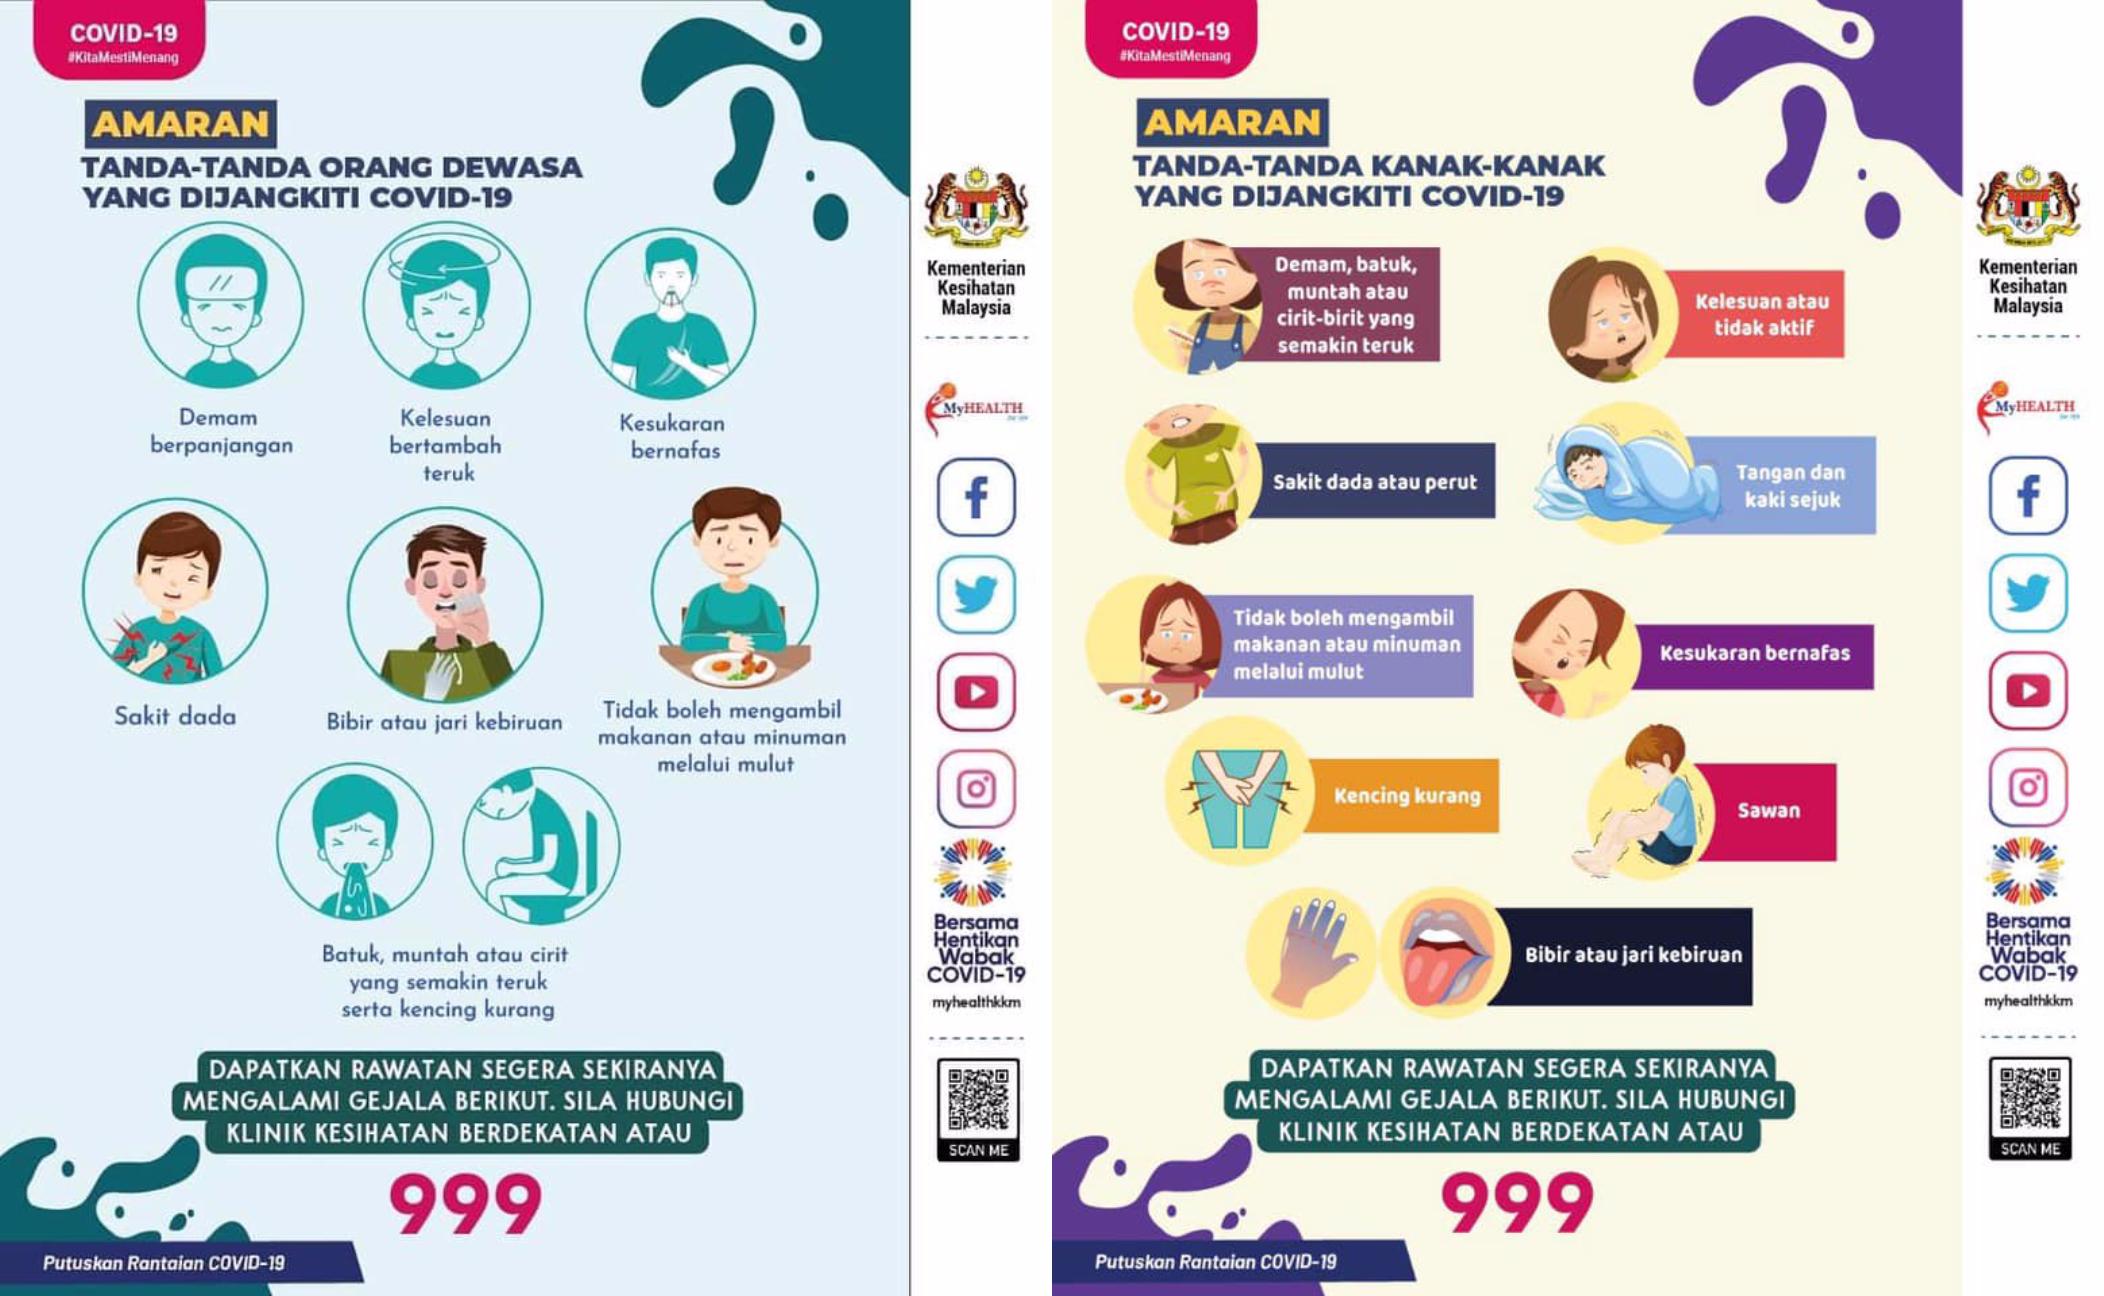 卫生部上载有关成人和儿童感染新型冠状病毒疾病(Covid-19)的症状的图文。-图摘自卫生部脸书/精彩大马制图-